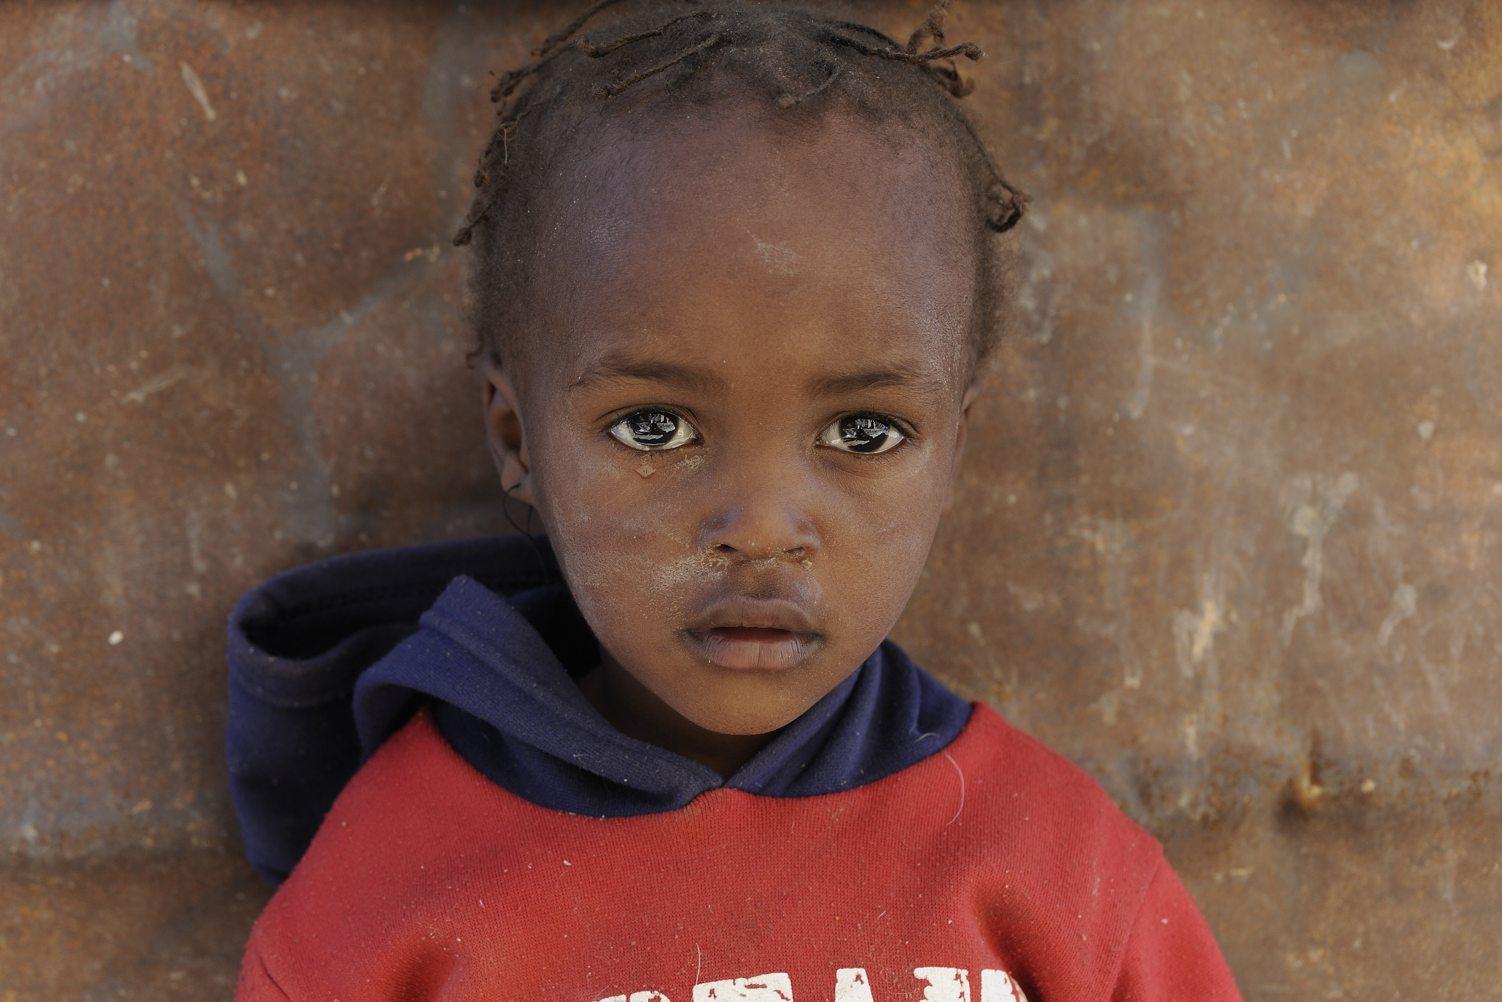 COA-by-Thijs-9  Jason Swartbooij (2) woont samen met zijn oma Theresia (43) en nog een paar kinderen in een eenvoudige hut in het droge en afgelegen zuiden van Namibië. De man van Theresia werkt op een boerderij in de buurt. Ik ontdek het mooie en liefdevolle gezin toevallig als ik op zoek ben naar een zuidelijke toegang tot de Fish River Canyon. Een paar jaar later ben ik terug geweest naar deze plek om het gezin wat geld te geven om een eigen huis te bouwen. Voor zover ik heb kunnen nagaan is dat ook werkelijk gelukt, in een stadje niet ver van de plek waar ik ze ontmoette.